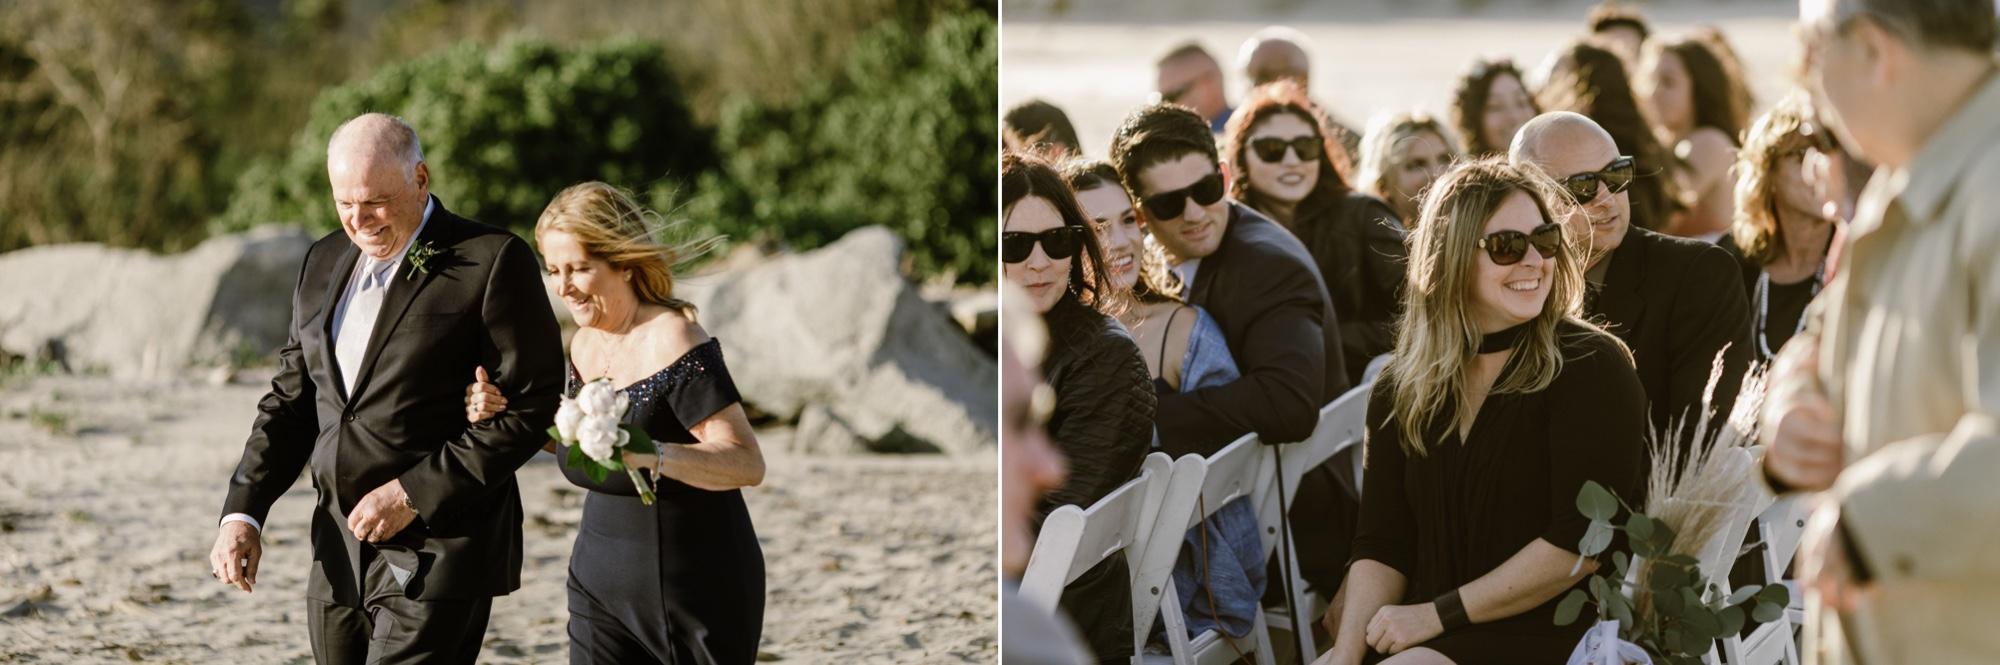 31_Ally and Tommy's Wedding-123_Ally and Tommy's Wedding-118.jpg